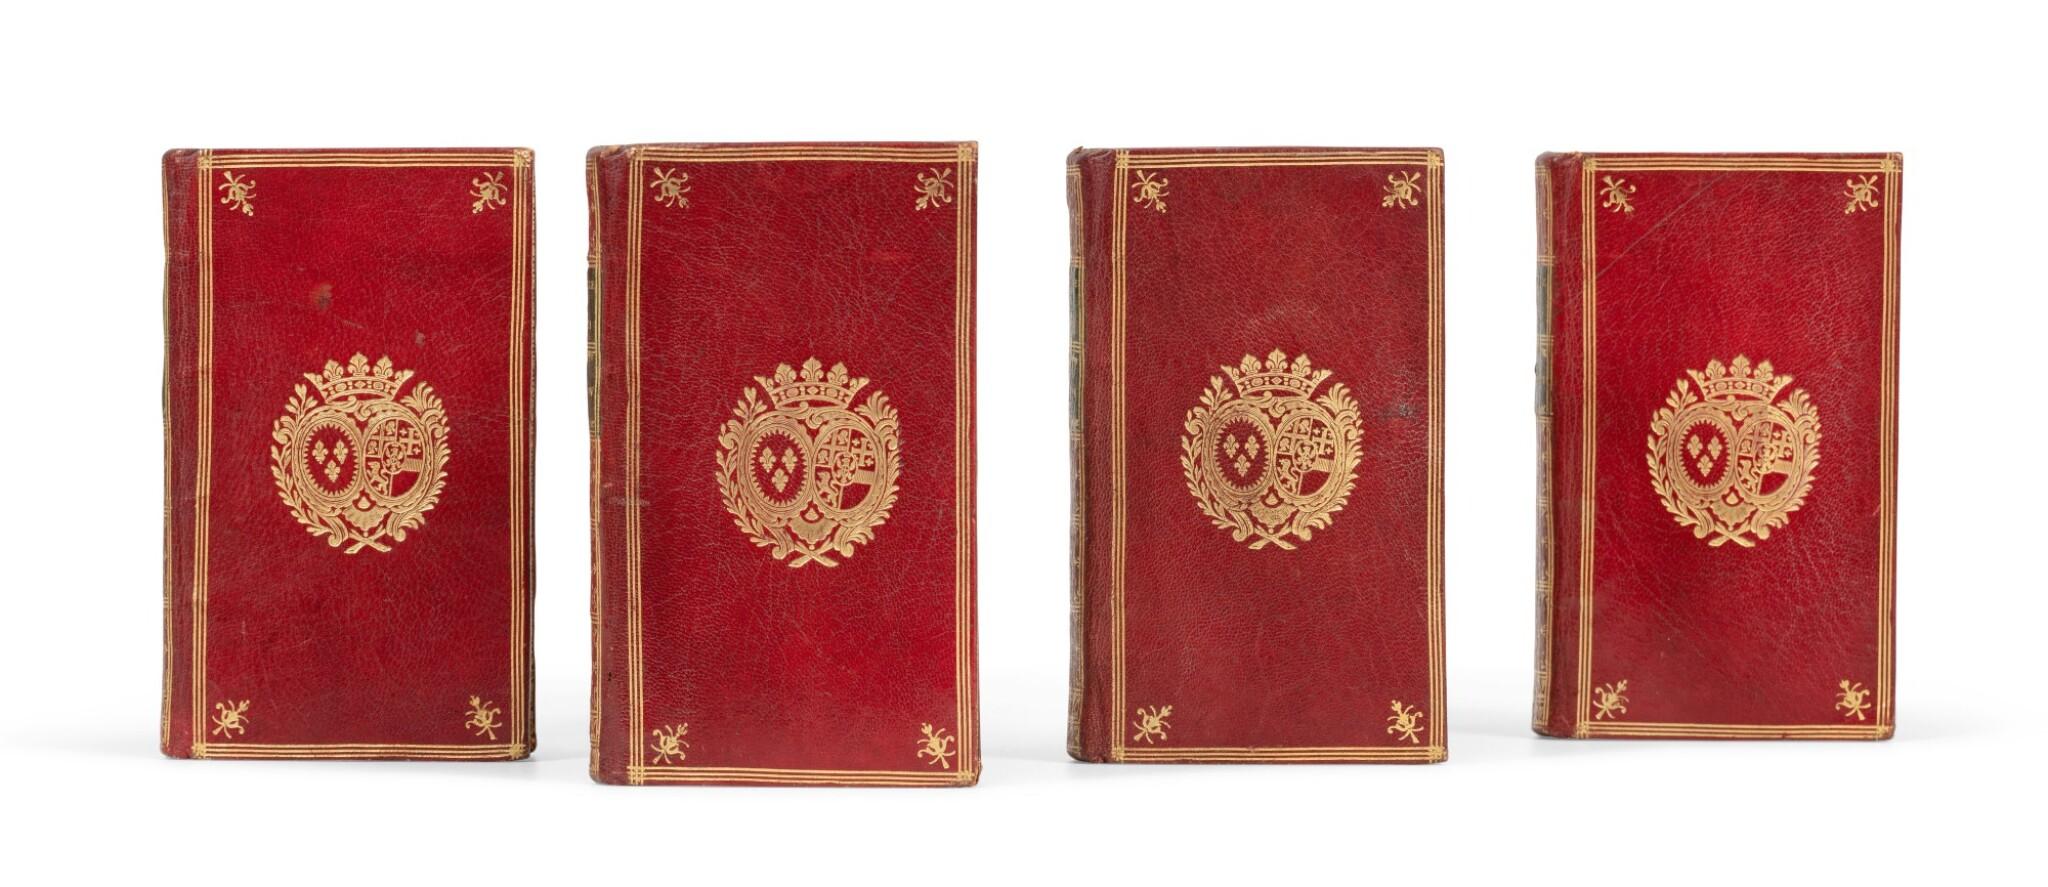 View full screen - View 1 of Lot 95. Histoire du règne de Philippe II 1778. 4 vol. Aux armes de la comtesse de Provence.